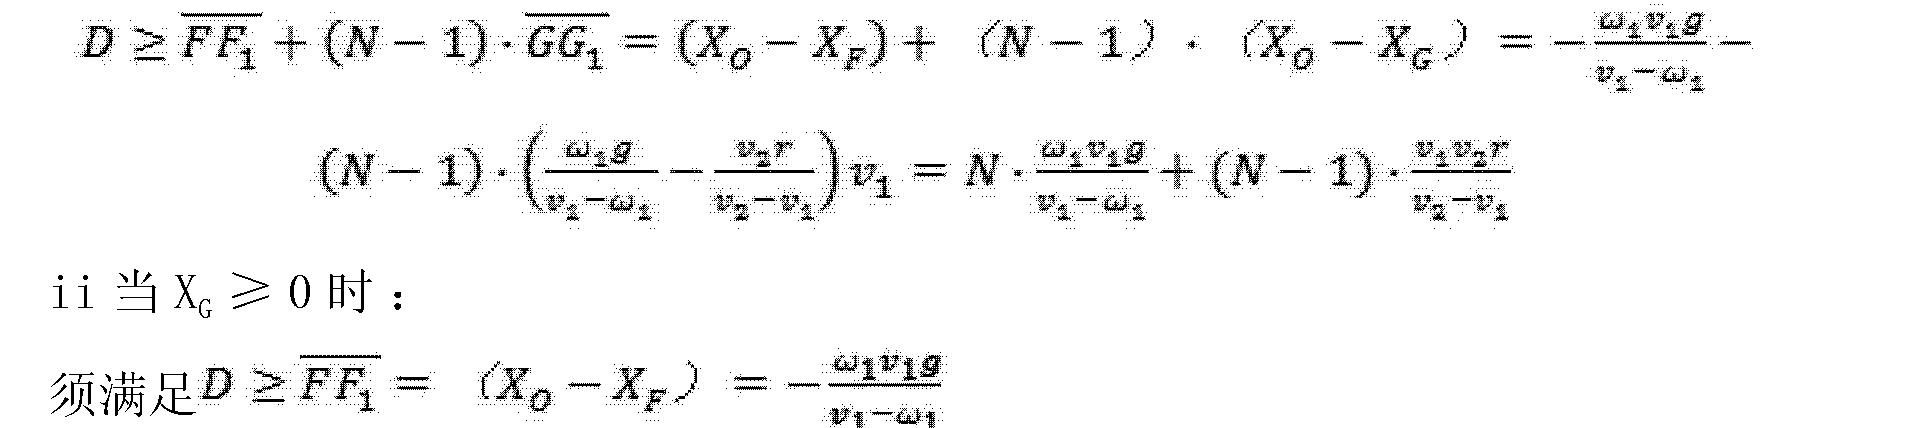 Figure CN102376162BC00062